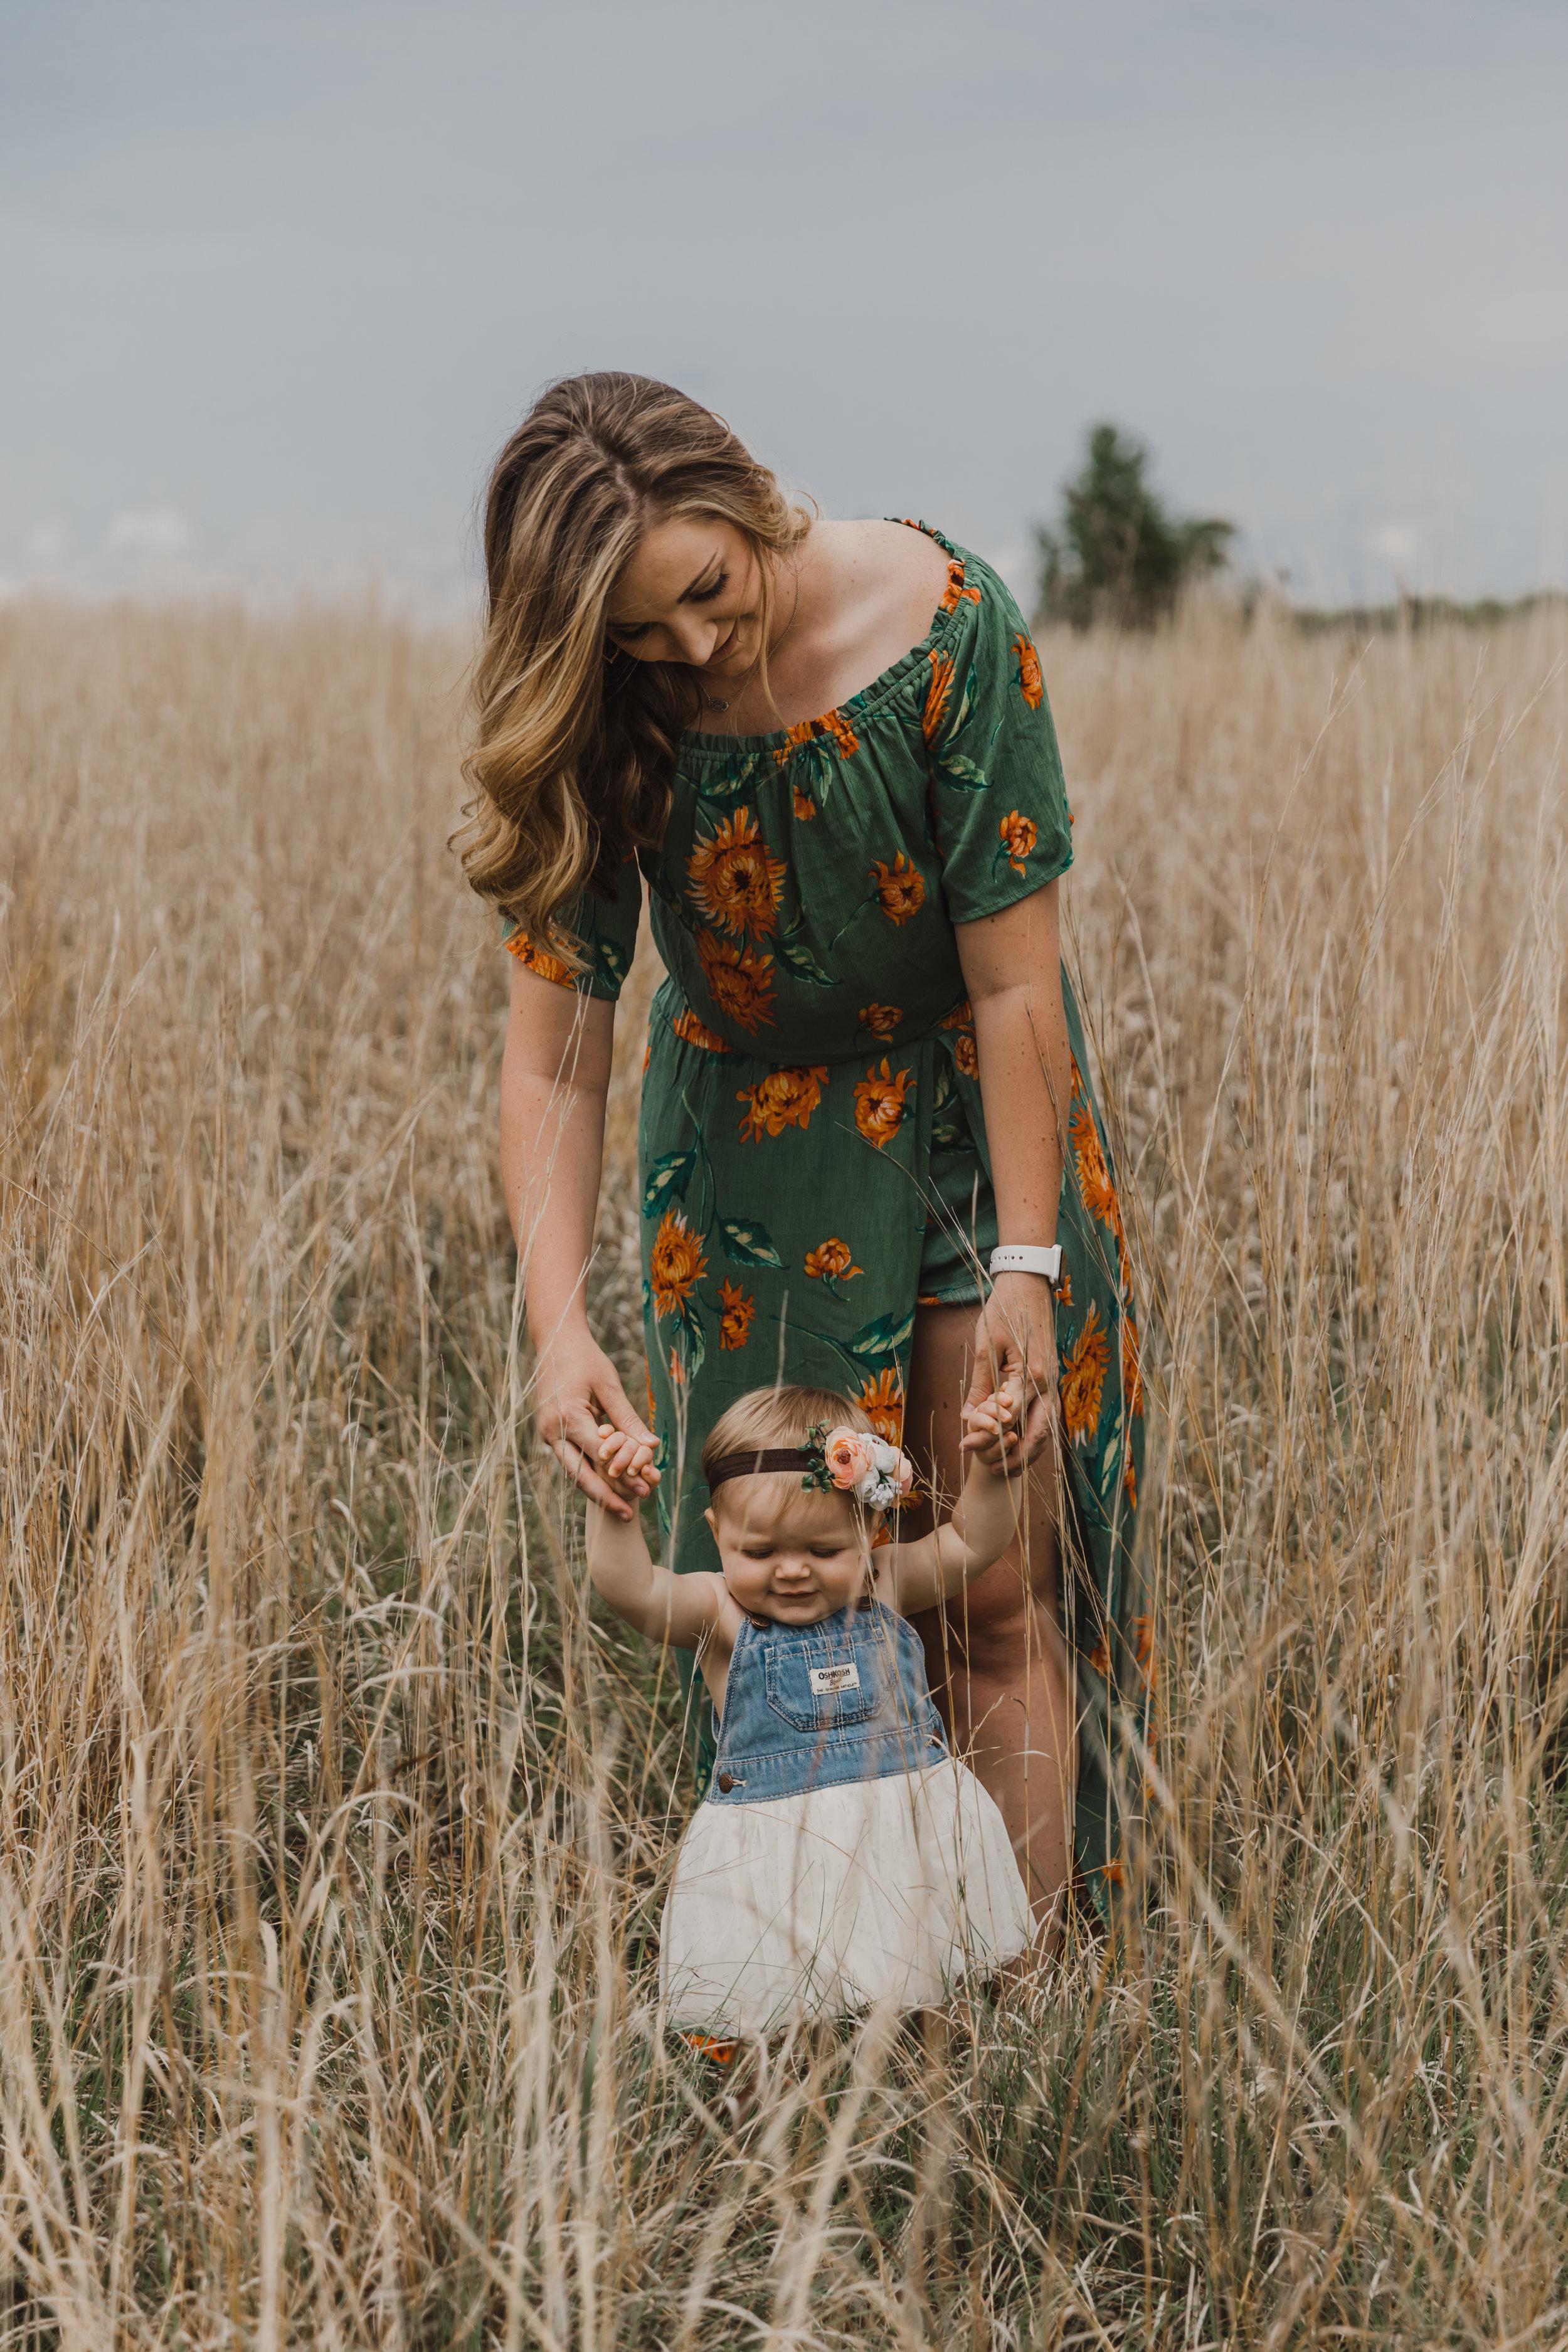 Kelsie&KinleyMommy&MeHeritageParkSession-27.jpg